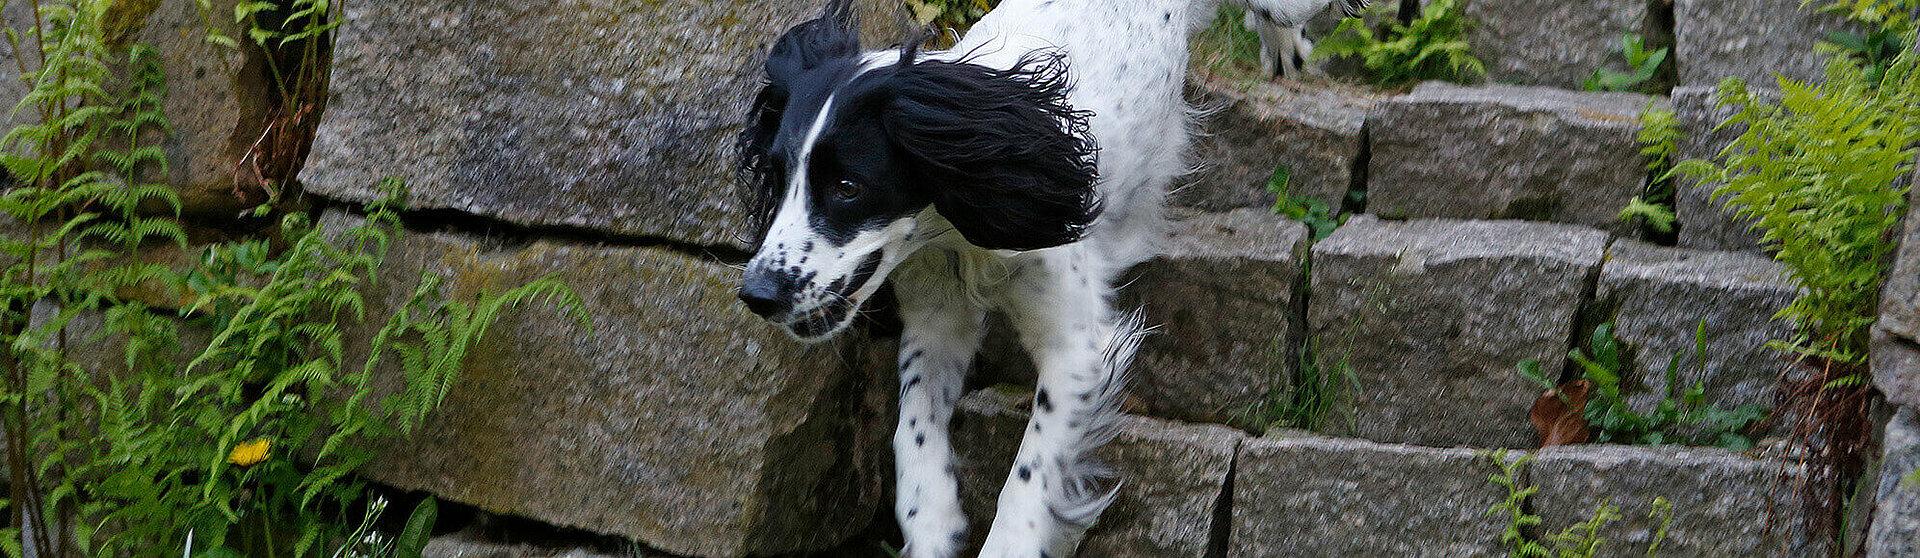 Springender Hund der an Arthrose erkrankt ist.